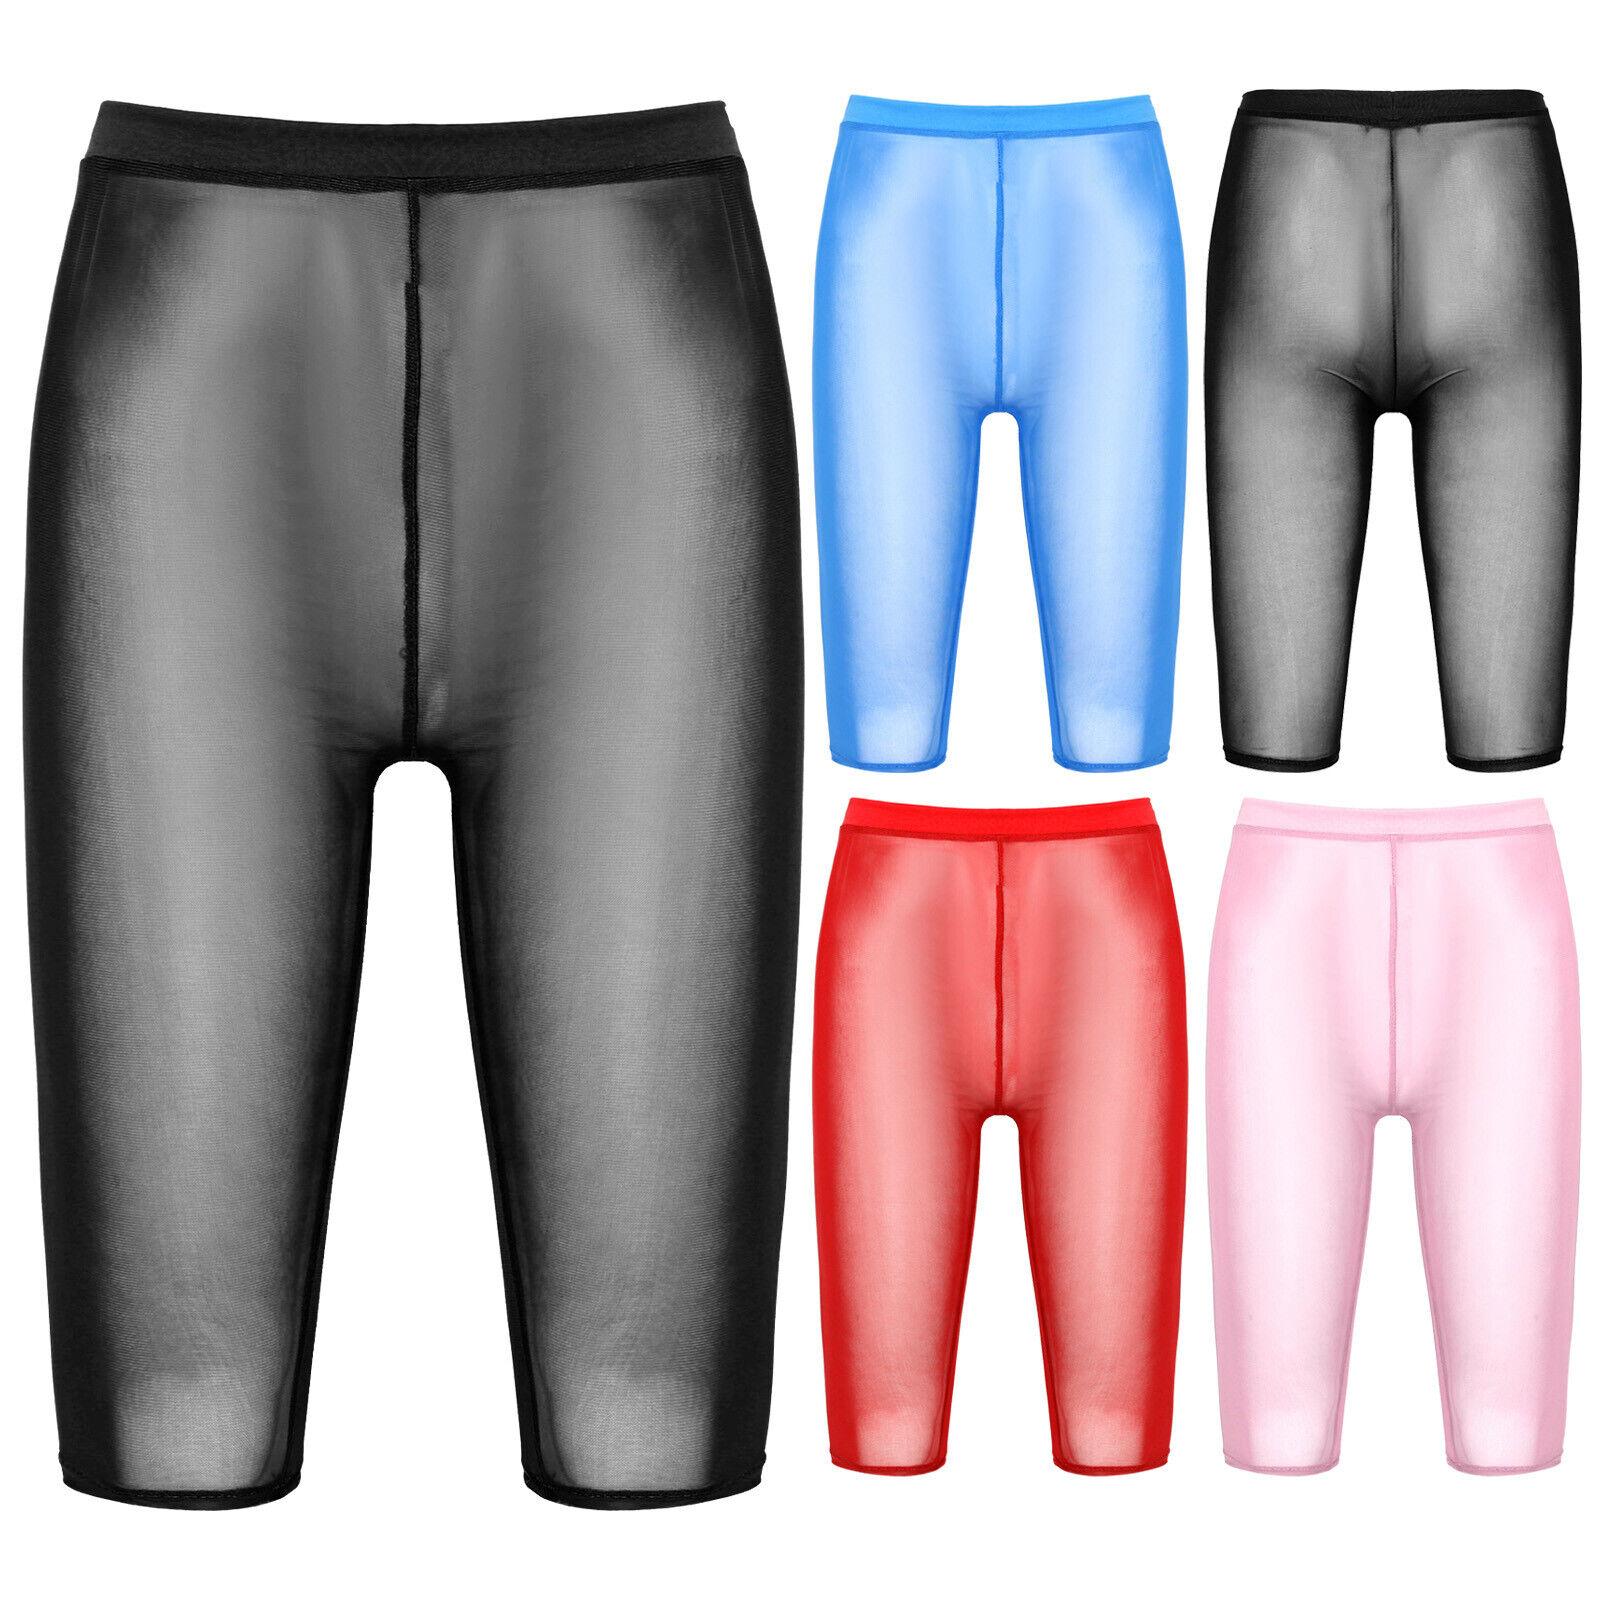 Damen durchsichtig Unterhose Mesh kurz Hose Shorts Höschen Reizvolle Unterwäsche